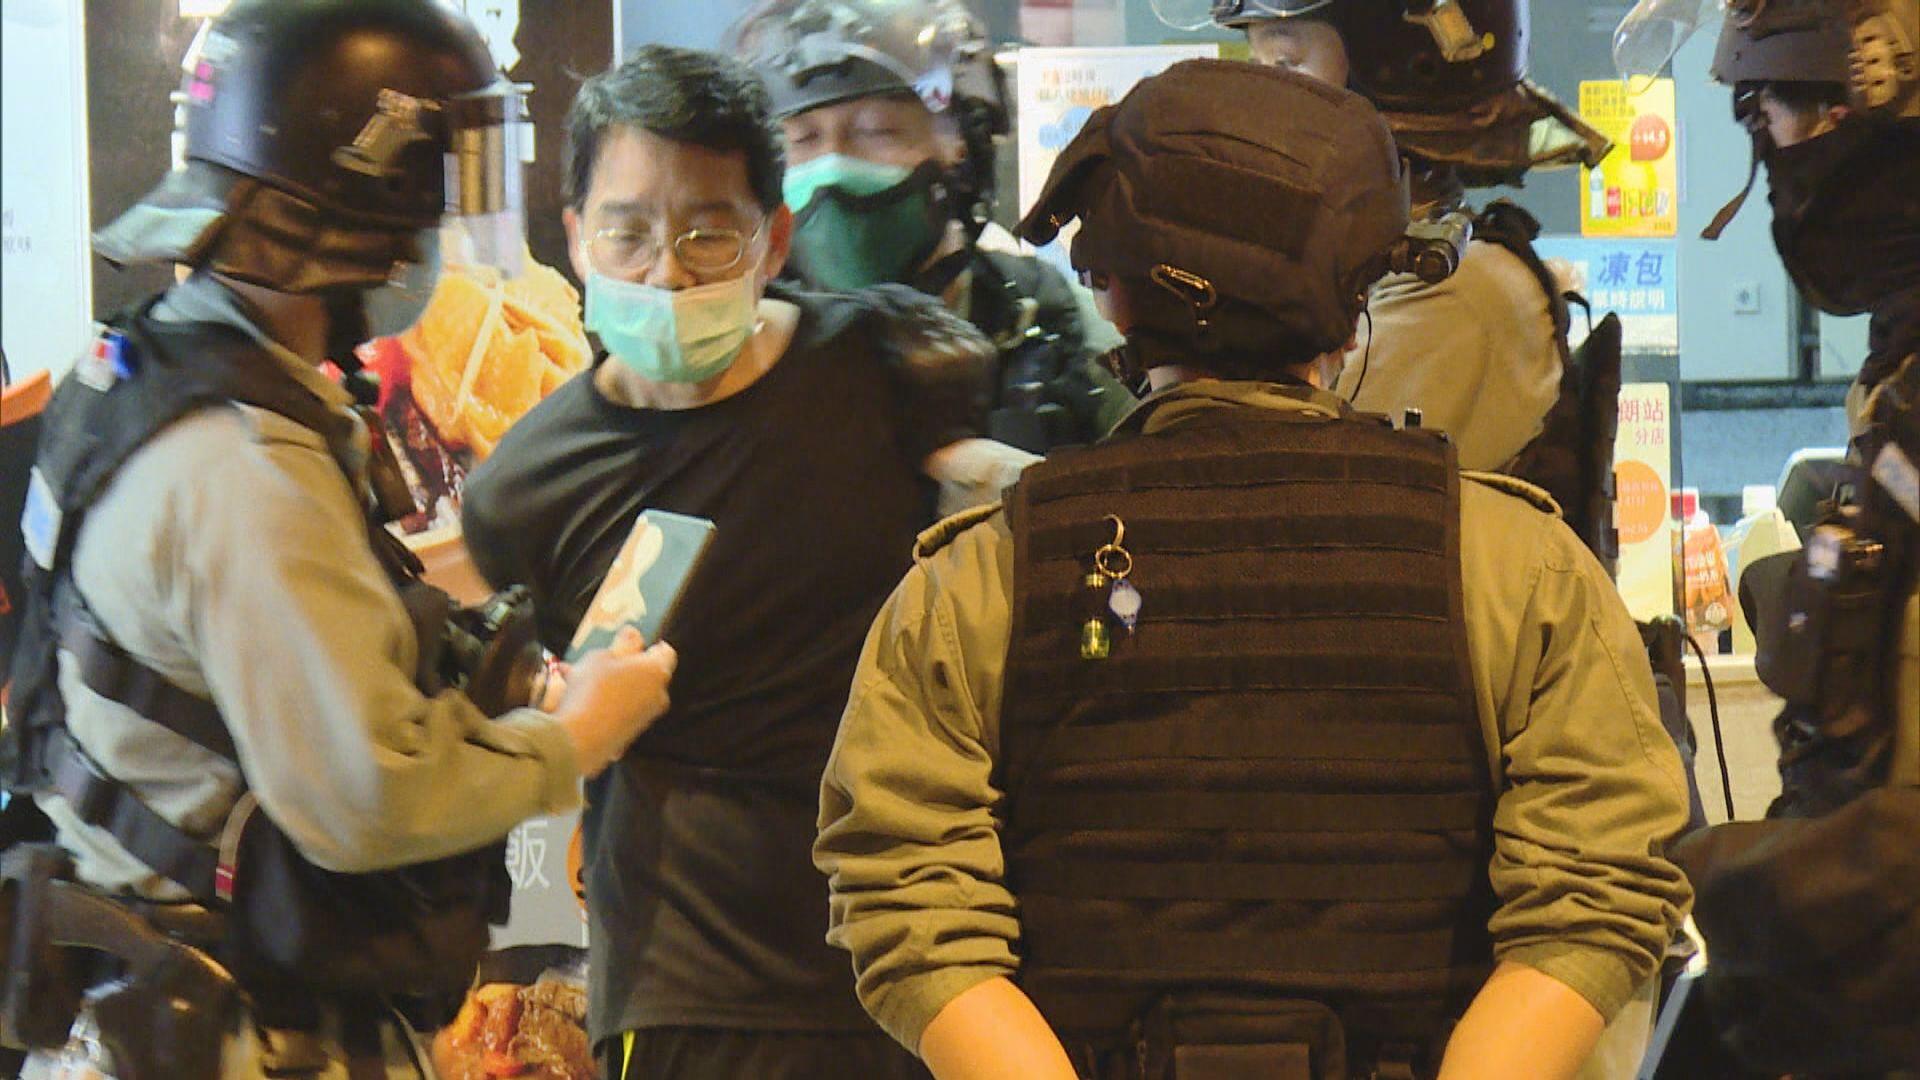 721襲擊事件8個月 警方施放催淚彈並帶走多人